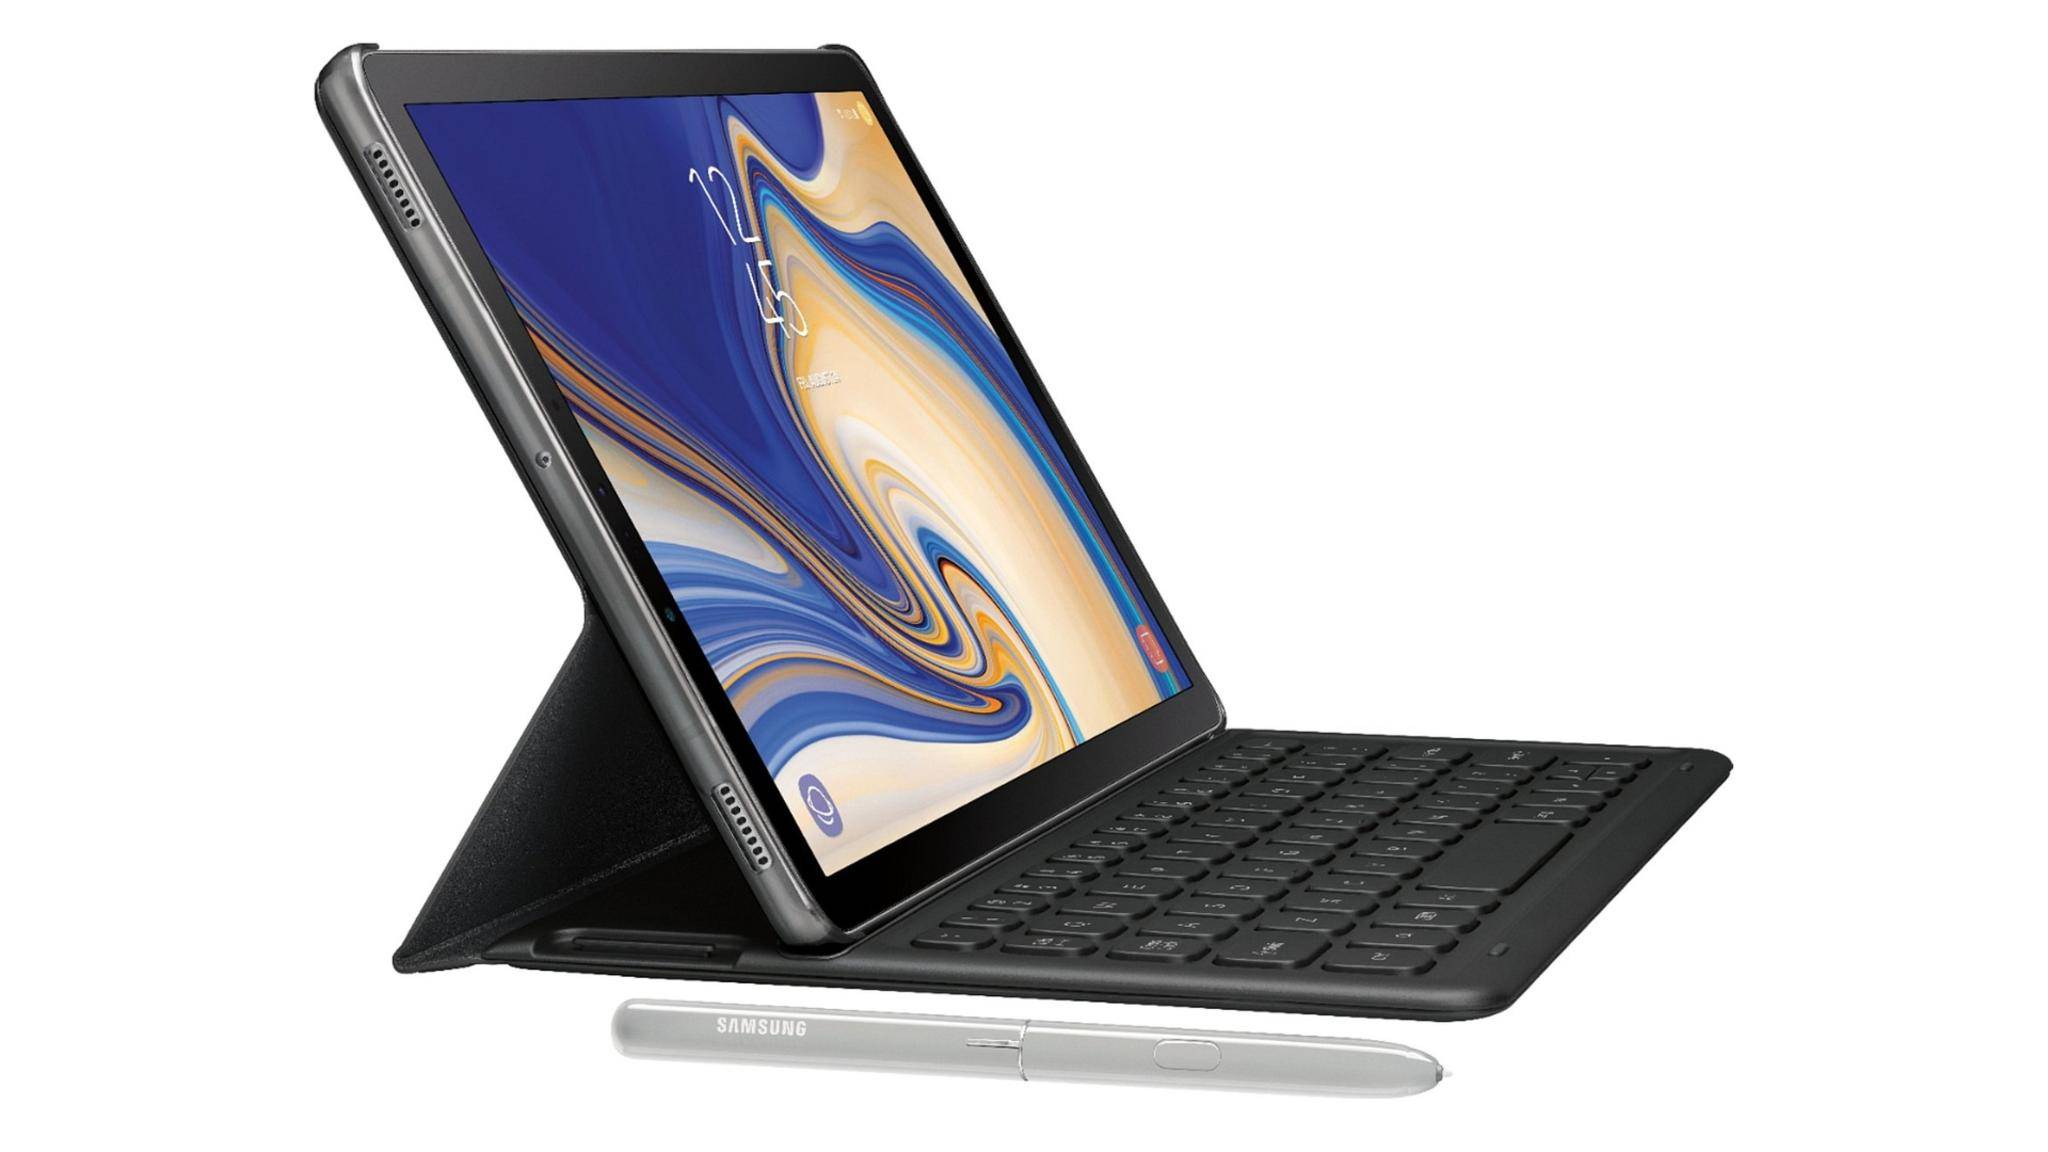 Das Galaxy Tab S4 könnte Anfang September vorgestellt werden.